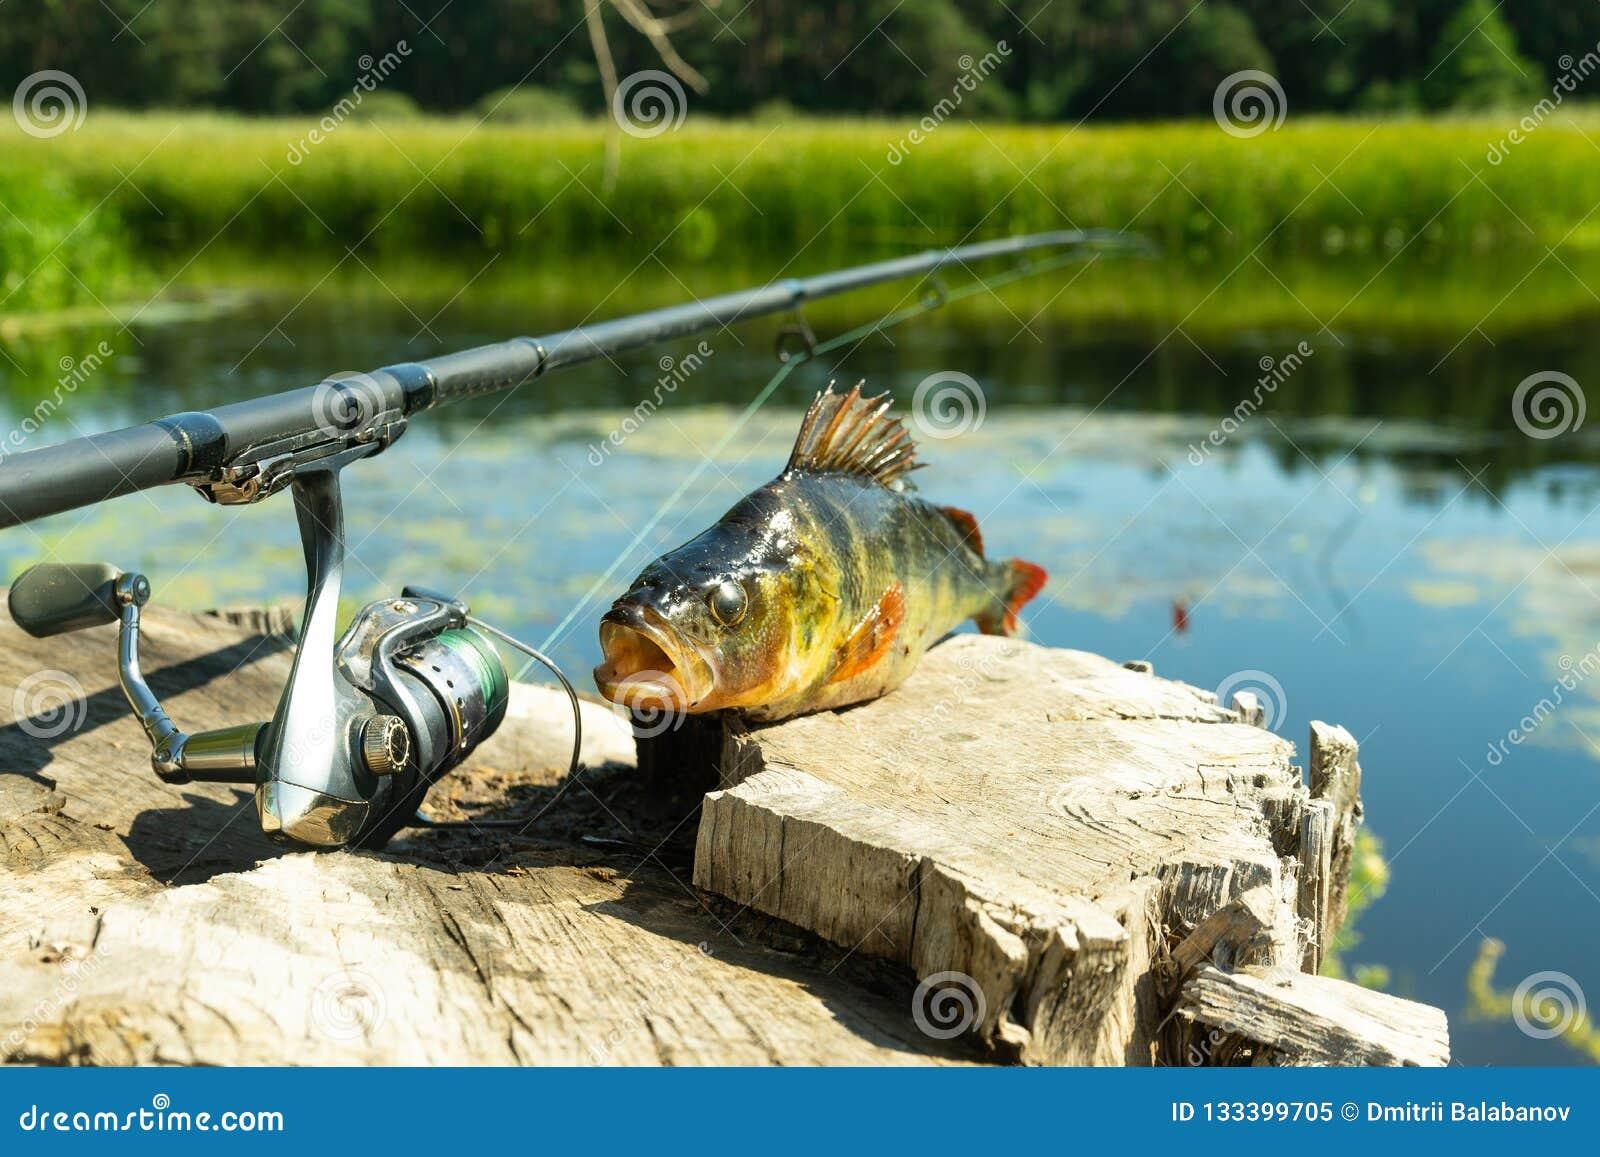 Αλιεία στην περιστροφή Η σύλληψη στην περιστρεφόμενη ράβδο στον ποταμό Μια πέρκα σε έναν γάντζο Αθλητισμός με την περιστροφή κοντ